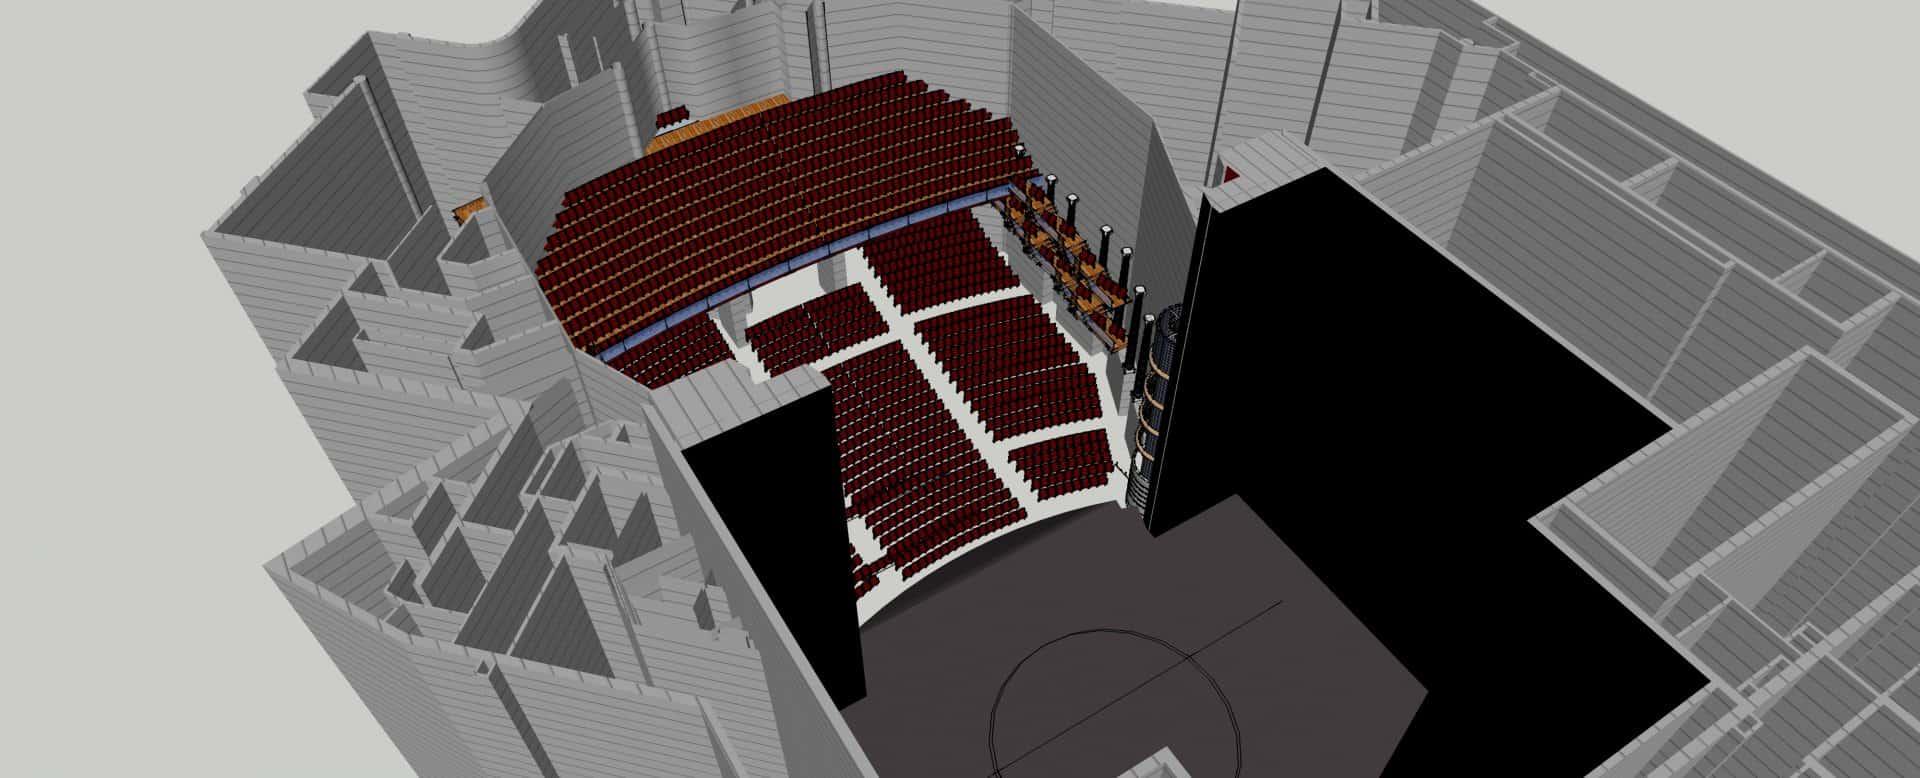 progettazione-eventi-service-per-concerti-audizioni-spettacoli-grossi-eventi (8)